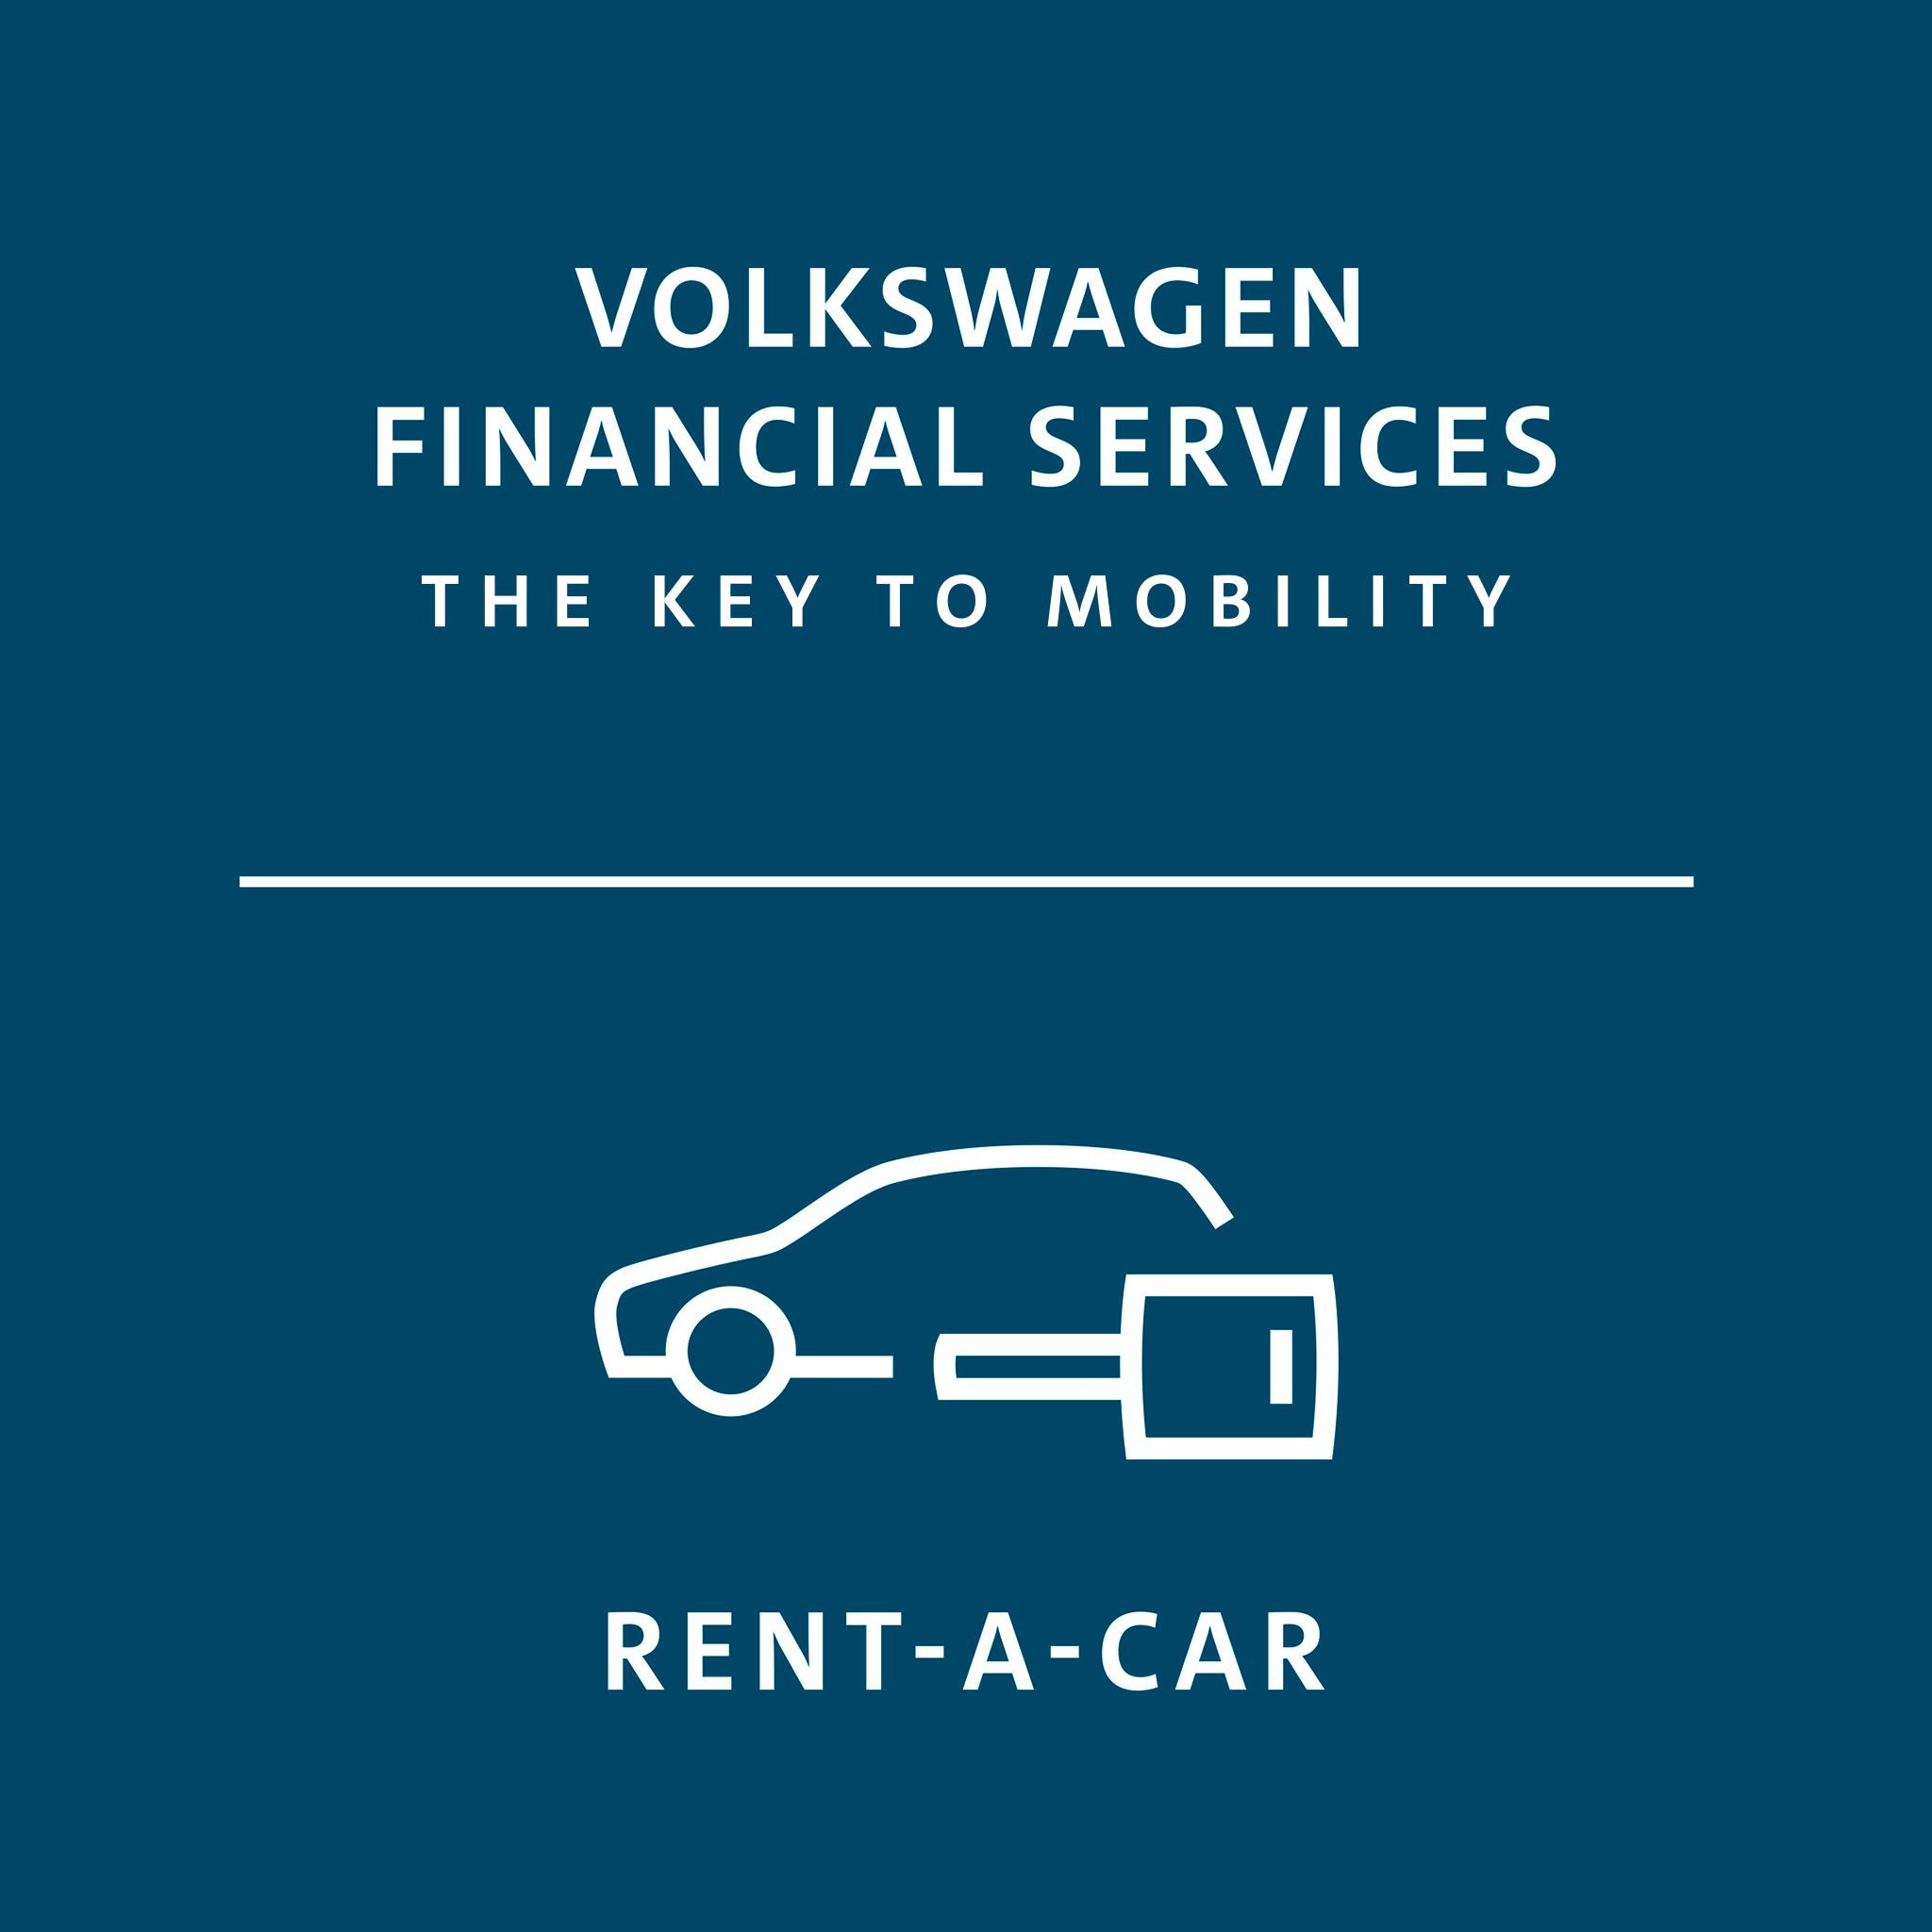 VW FS Rent-a-Car - Böblingen im Audi Zentrum Böblingen